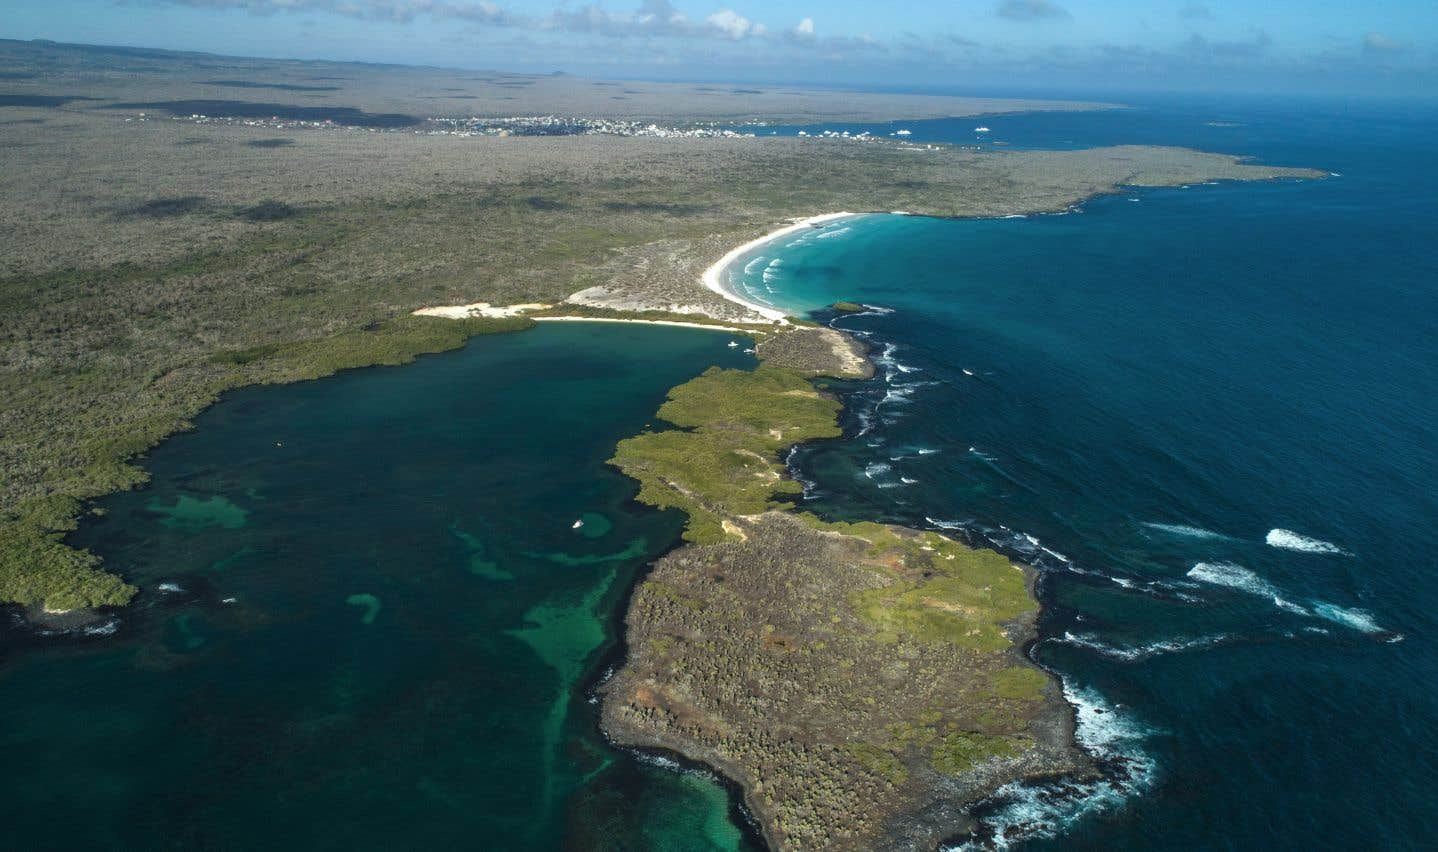 L'archipel volcanique a réussi jusqu'ici à se protéger et à préserver autant que possible ses espèces menacées.